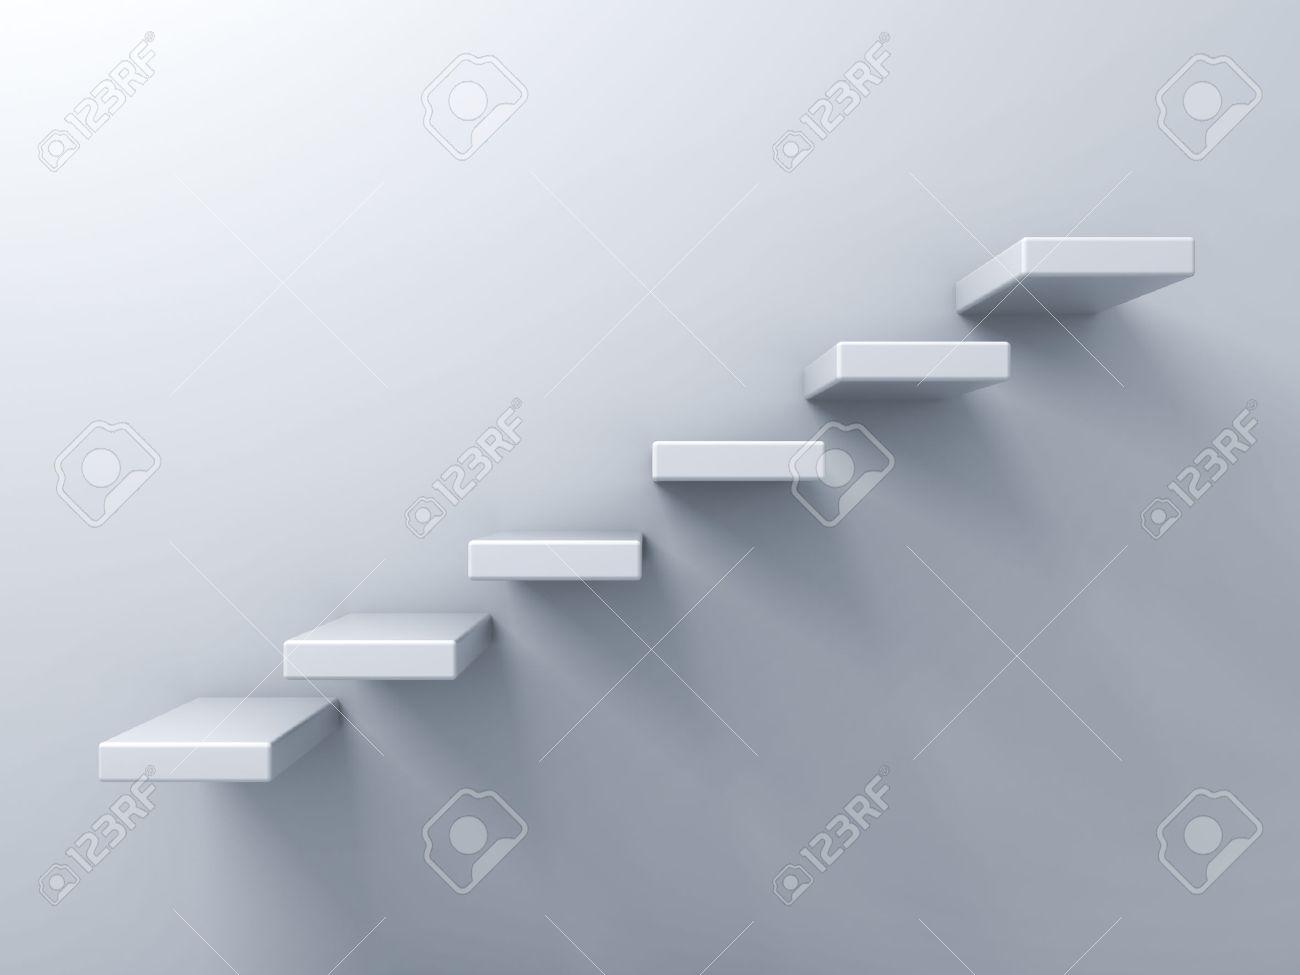 Marches d'un escalier concept abstrait sur fond blanc mur Banque d'images - 26594574